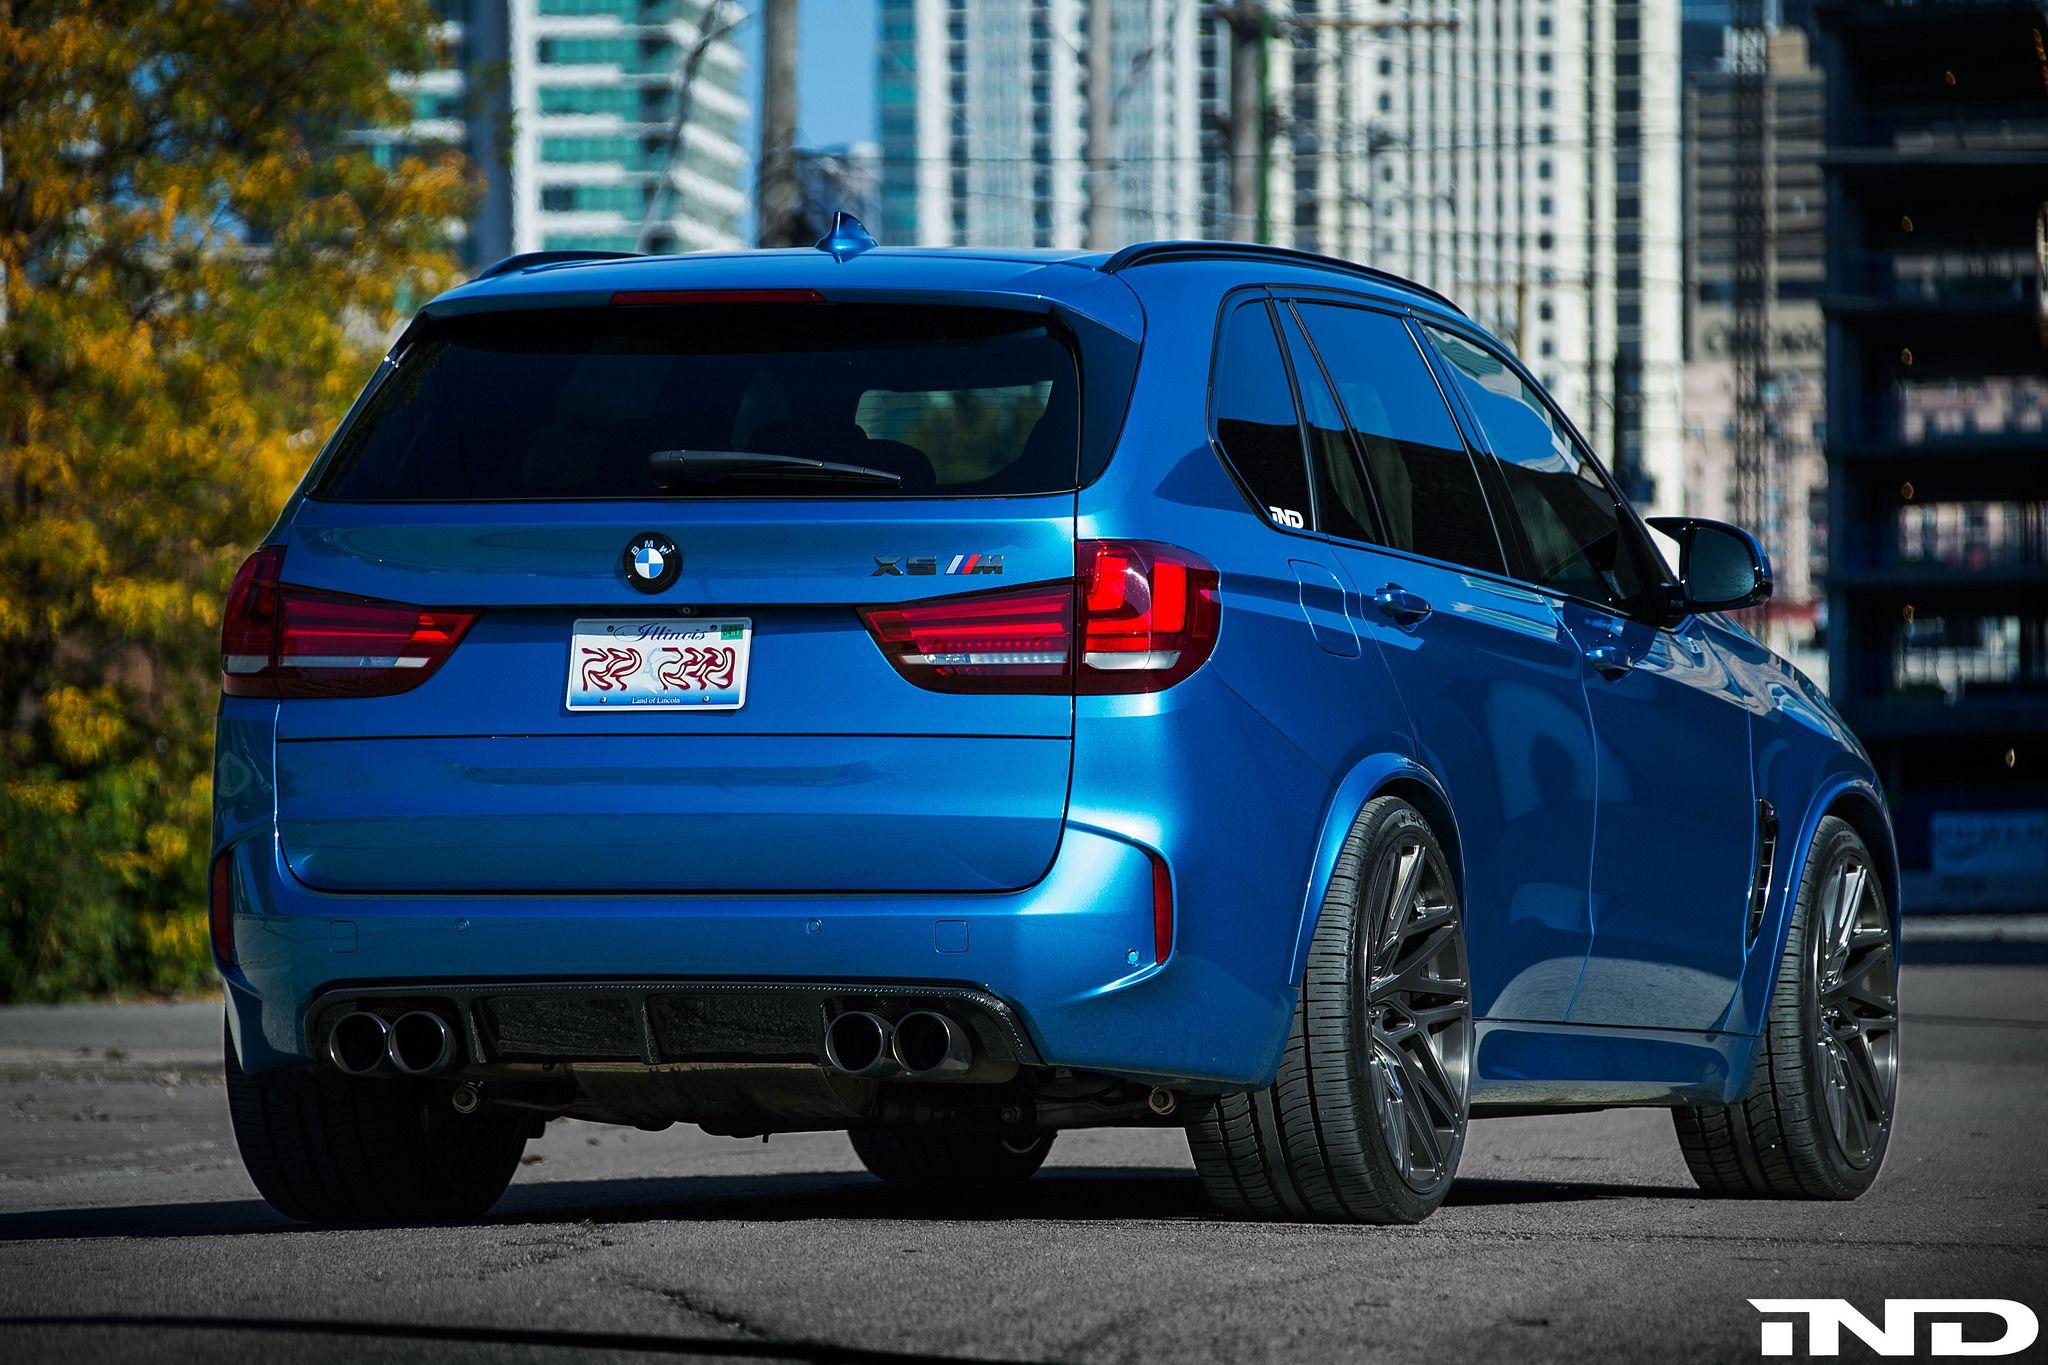 BMW #F85 #X5M #SUV #LongBeachBlue #iND #Tuning #Outdoor